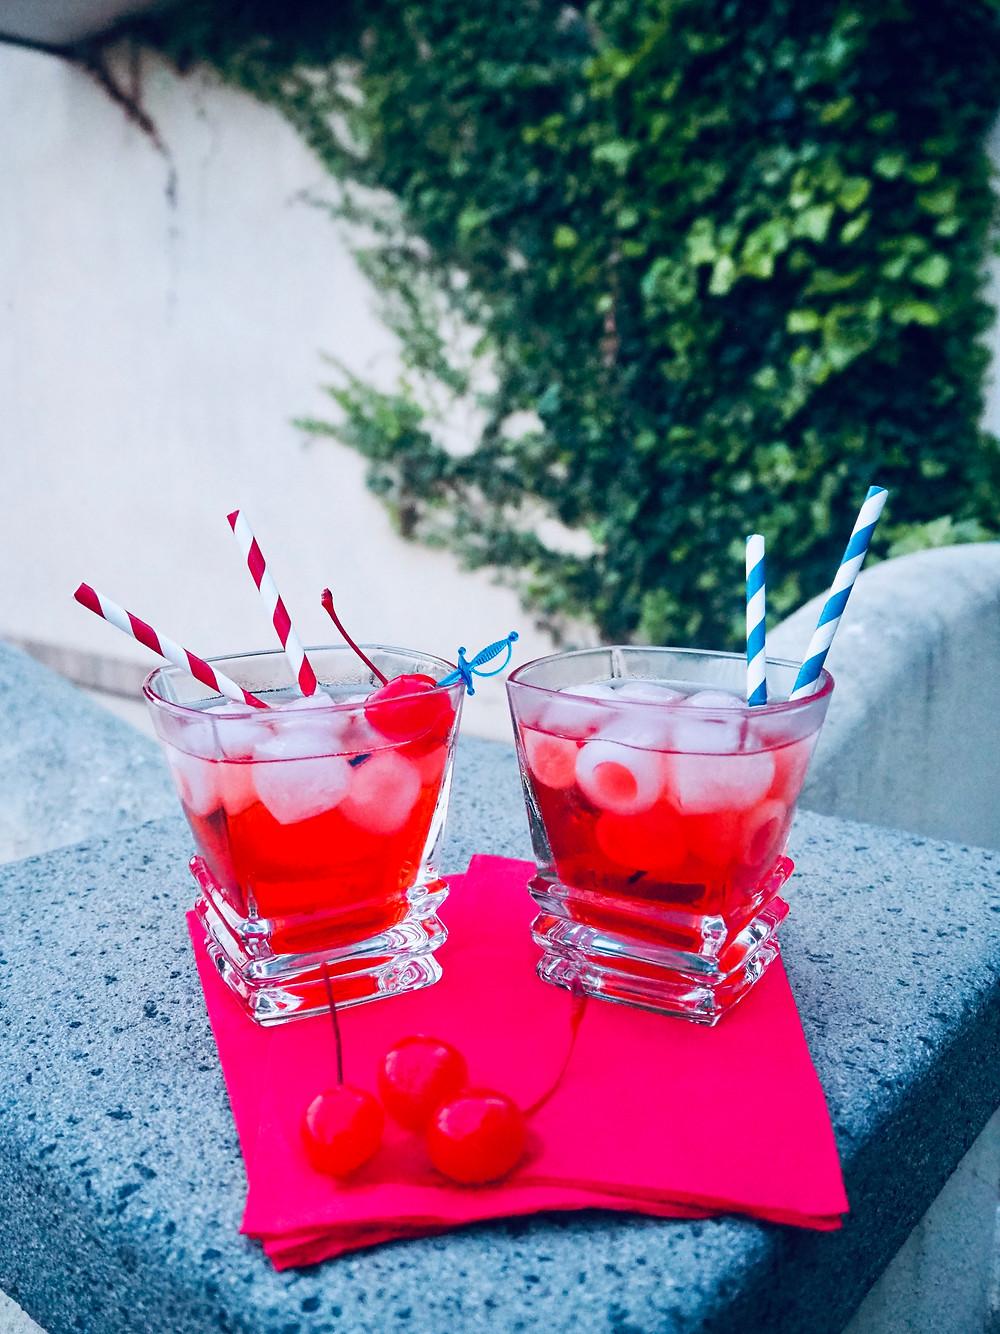 cocktails-americano-italian-aperitivo